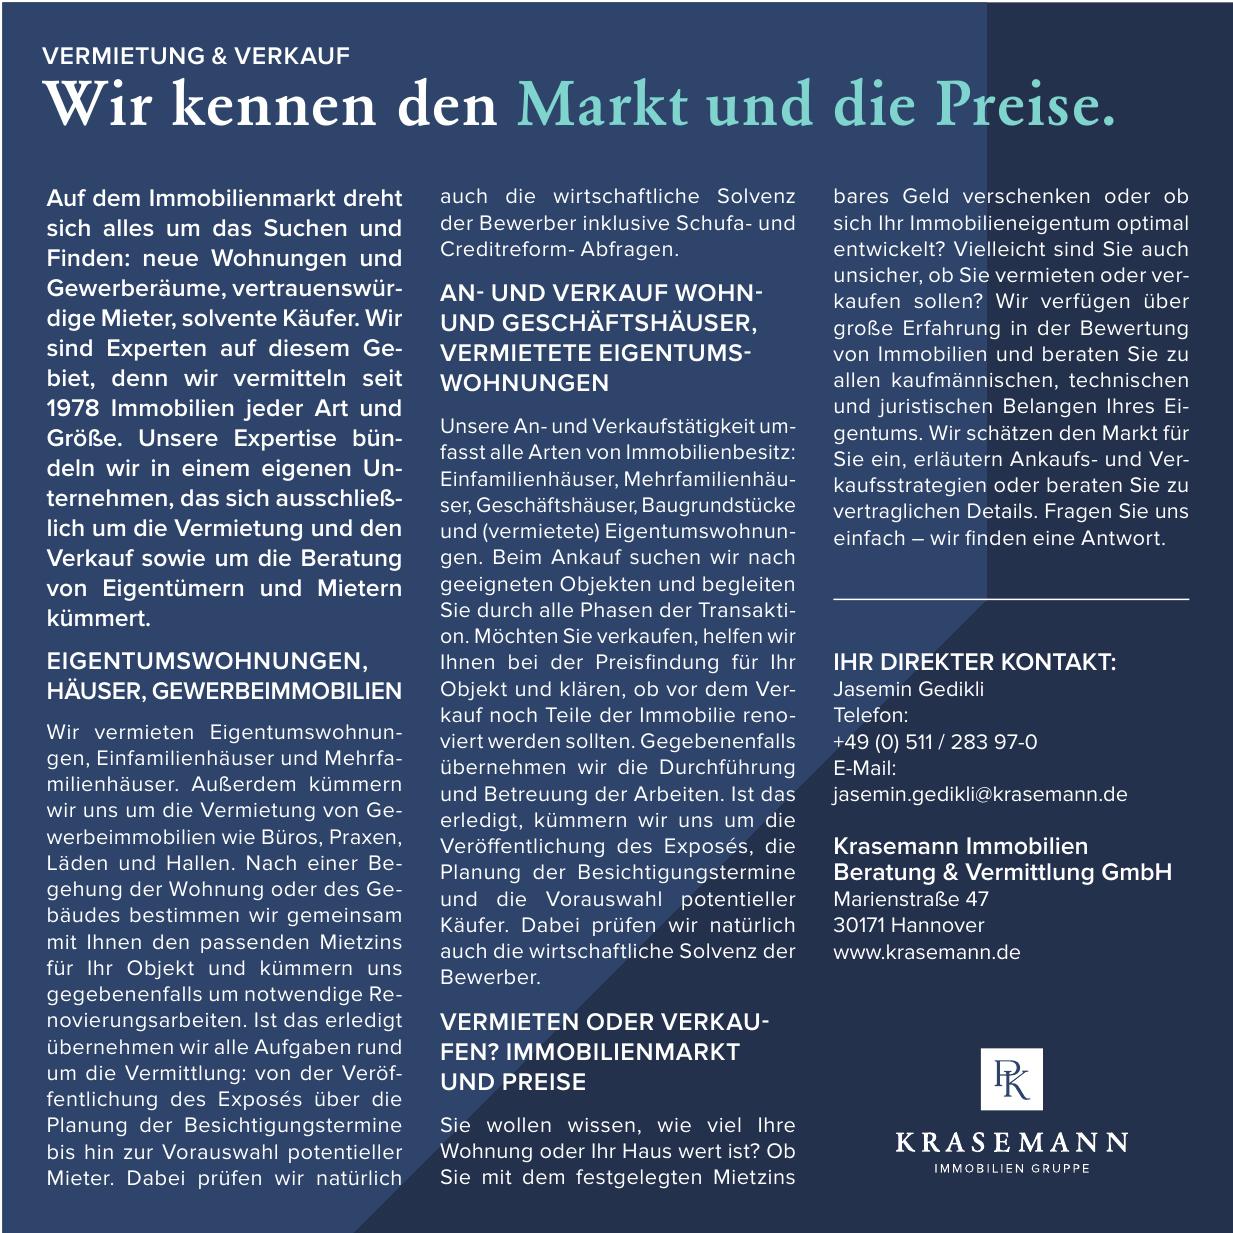 Krasemann Immobilien Gruppe